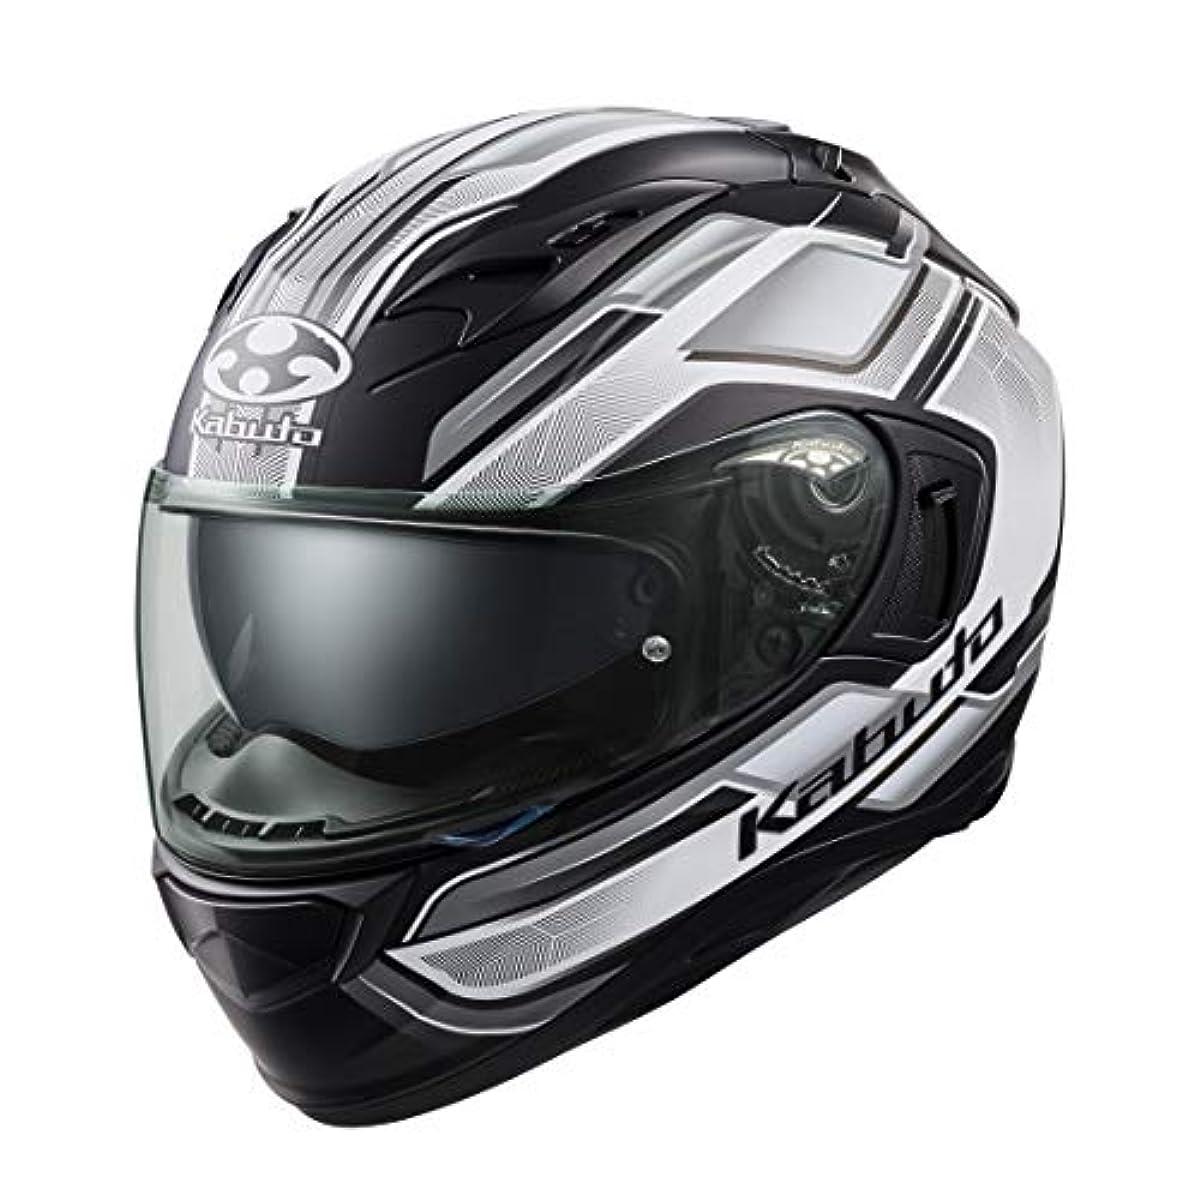 [해외] OG K (카부)카브도(OGK KABUTO)오토바이 헬멧 풀 페이스 KAMUI3 ACCEL(악셀) 플랫 블랙 화이트 (사이즈:XL) 585808